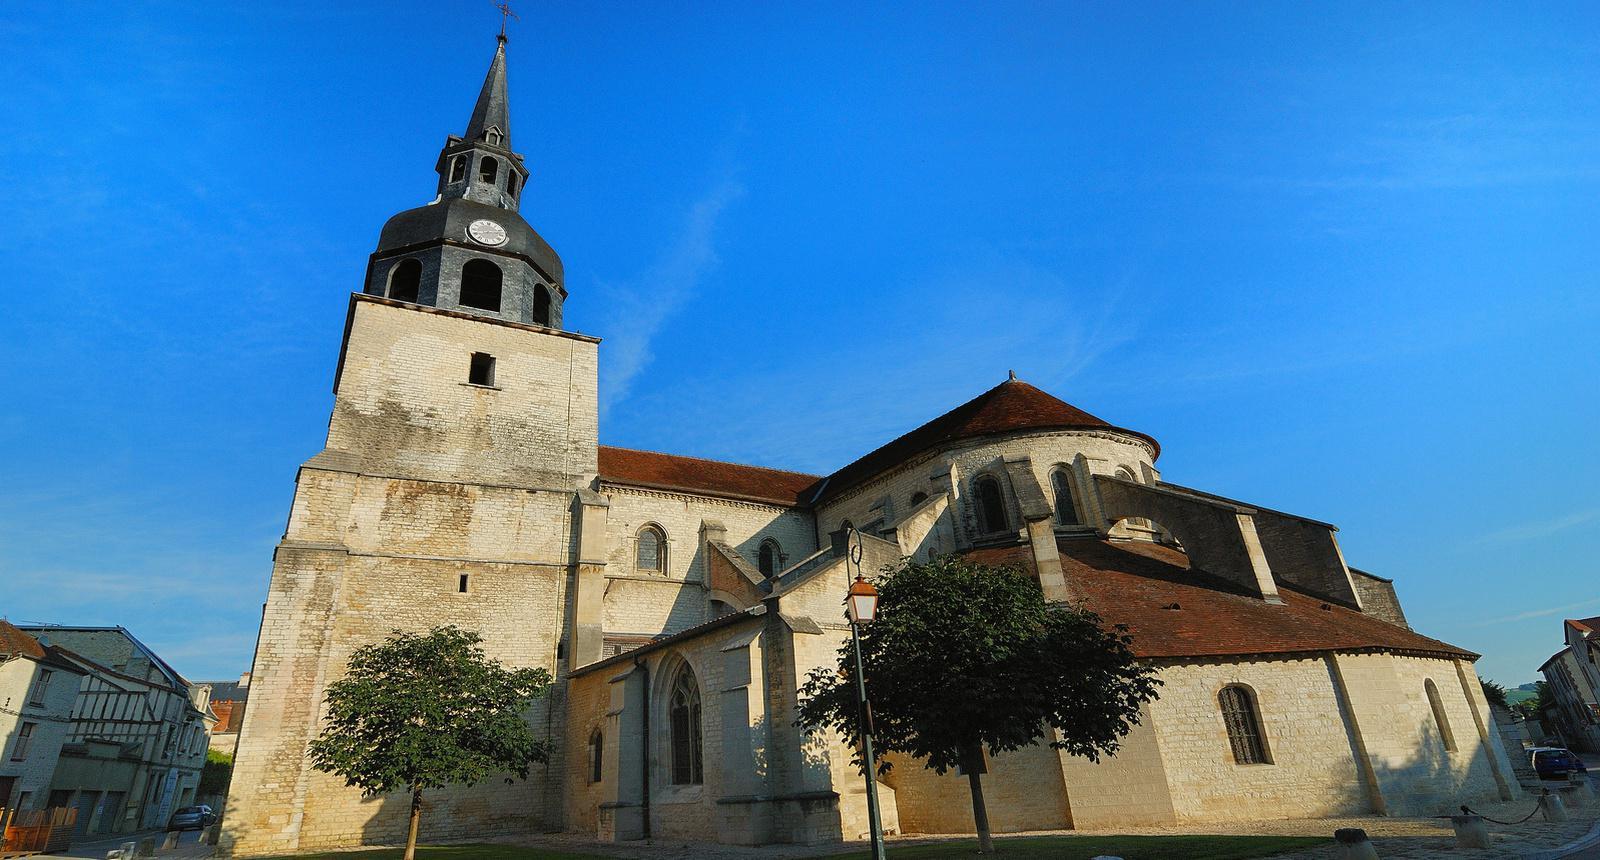 Eglise Saint-Pierre de Bar-sur-Aube